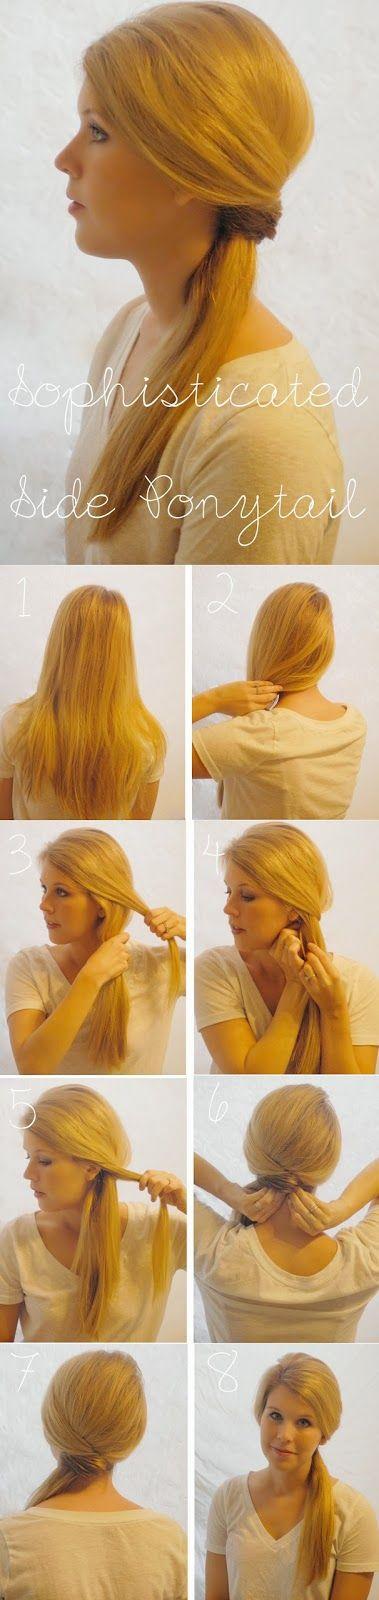 Tutorial : Faire une queue de cheval sur le coté - Sophisticated Side Ponytail Hair Tutorial